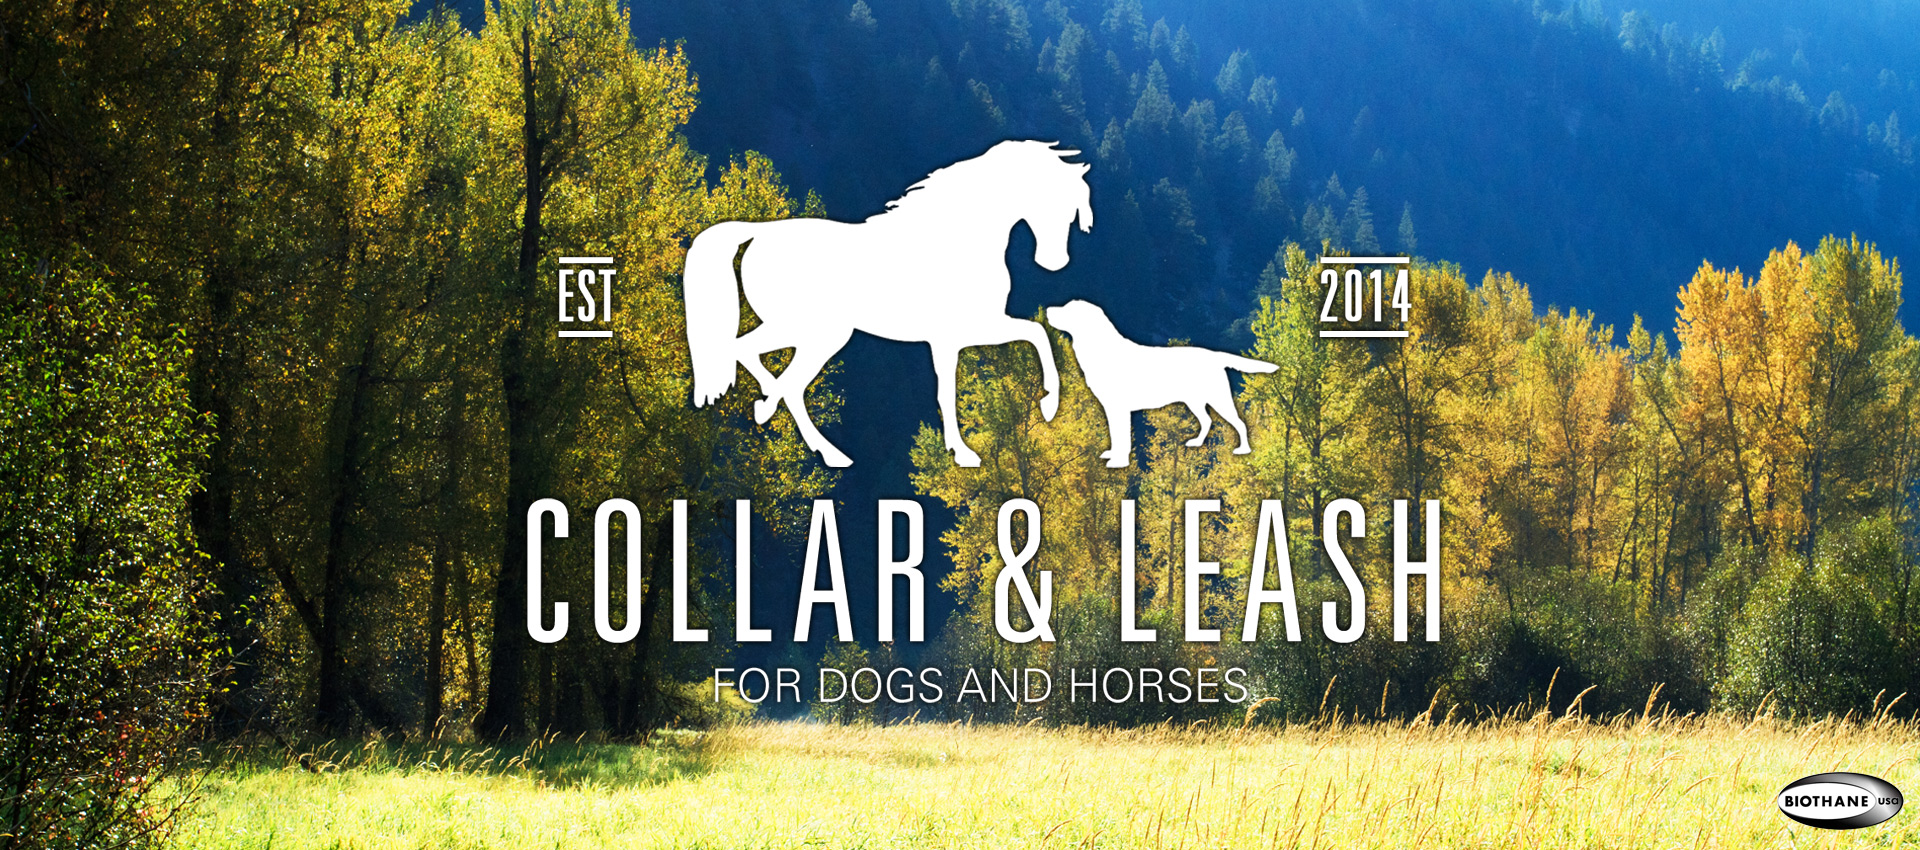 Collarandleash.de Hintergrundbild für die Homepage